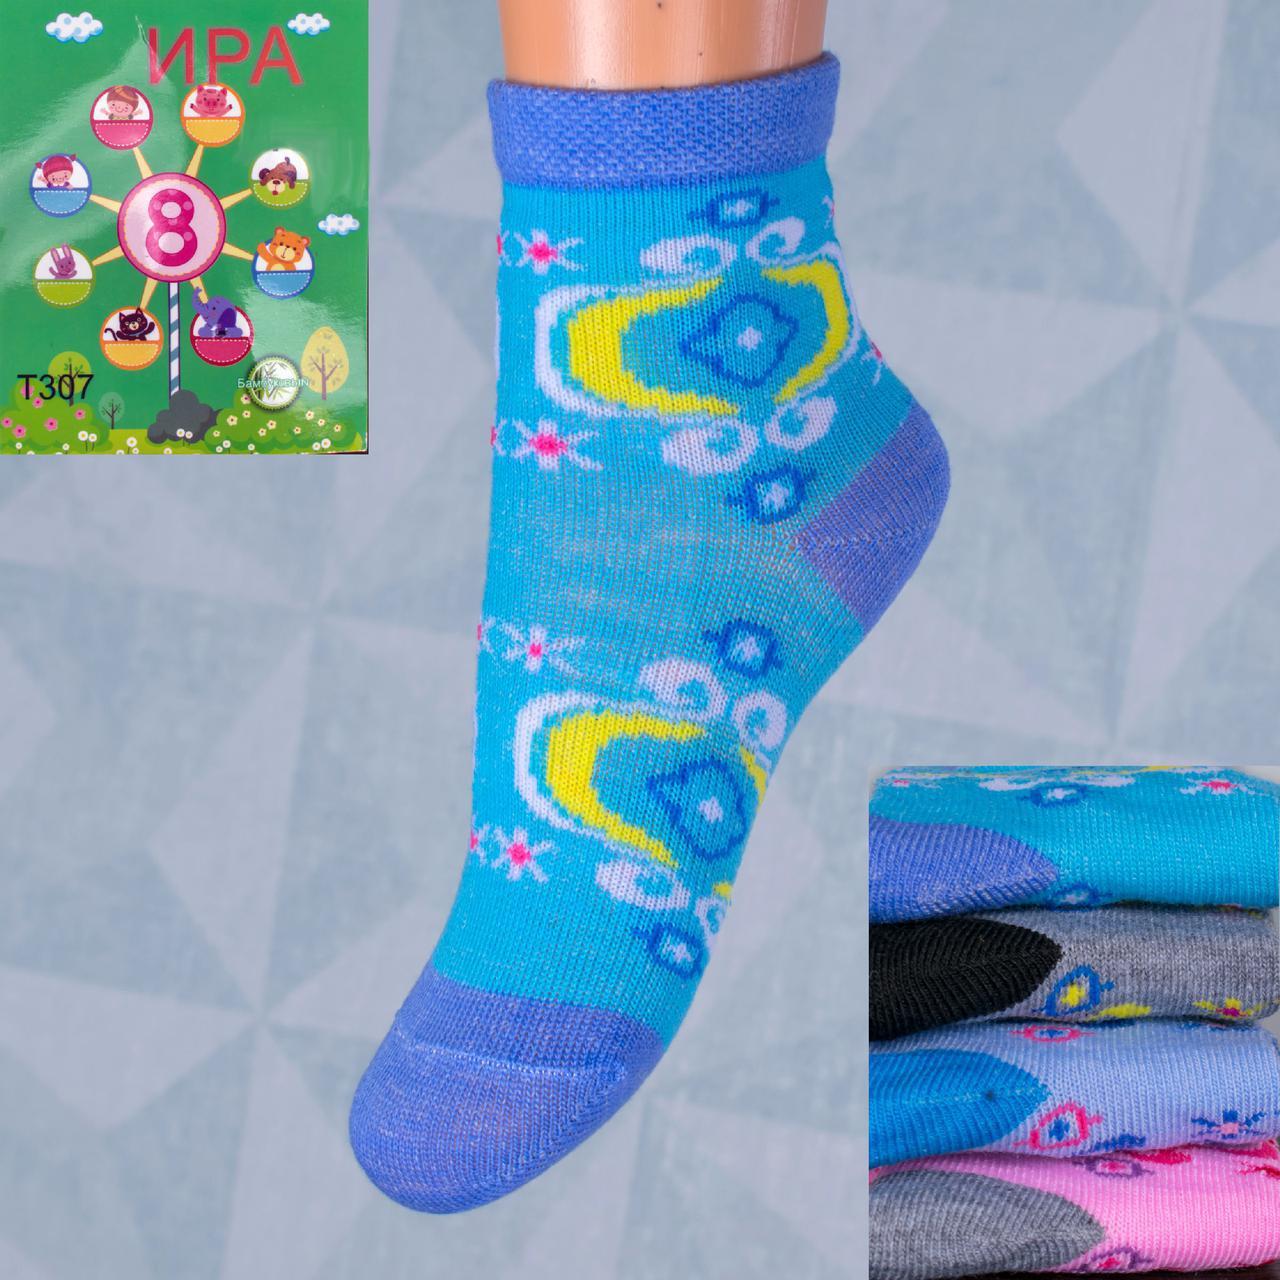 Детские носочки на девочку Ира Т307 31-36. В упаковке 12 пар